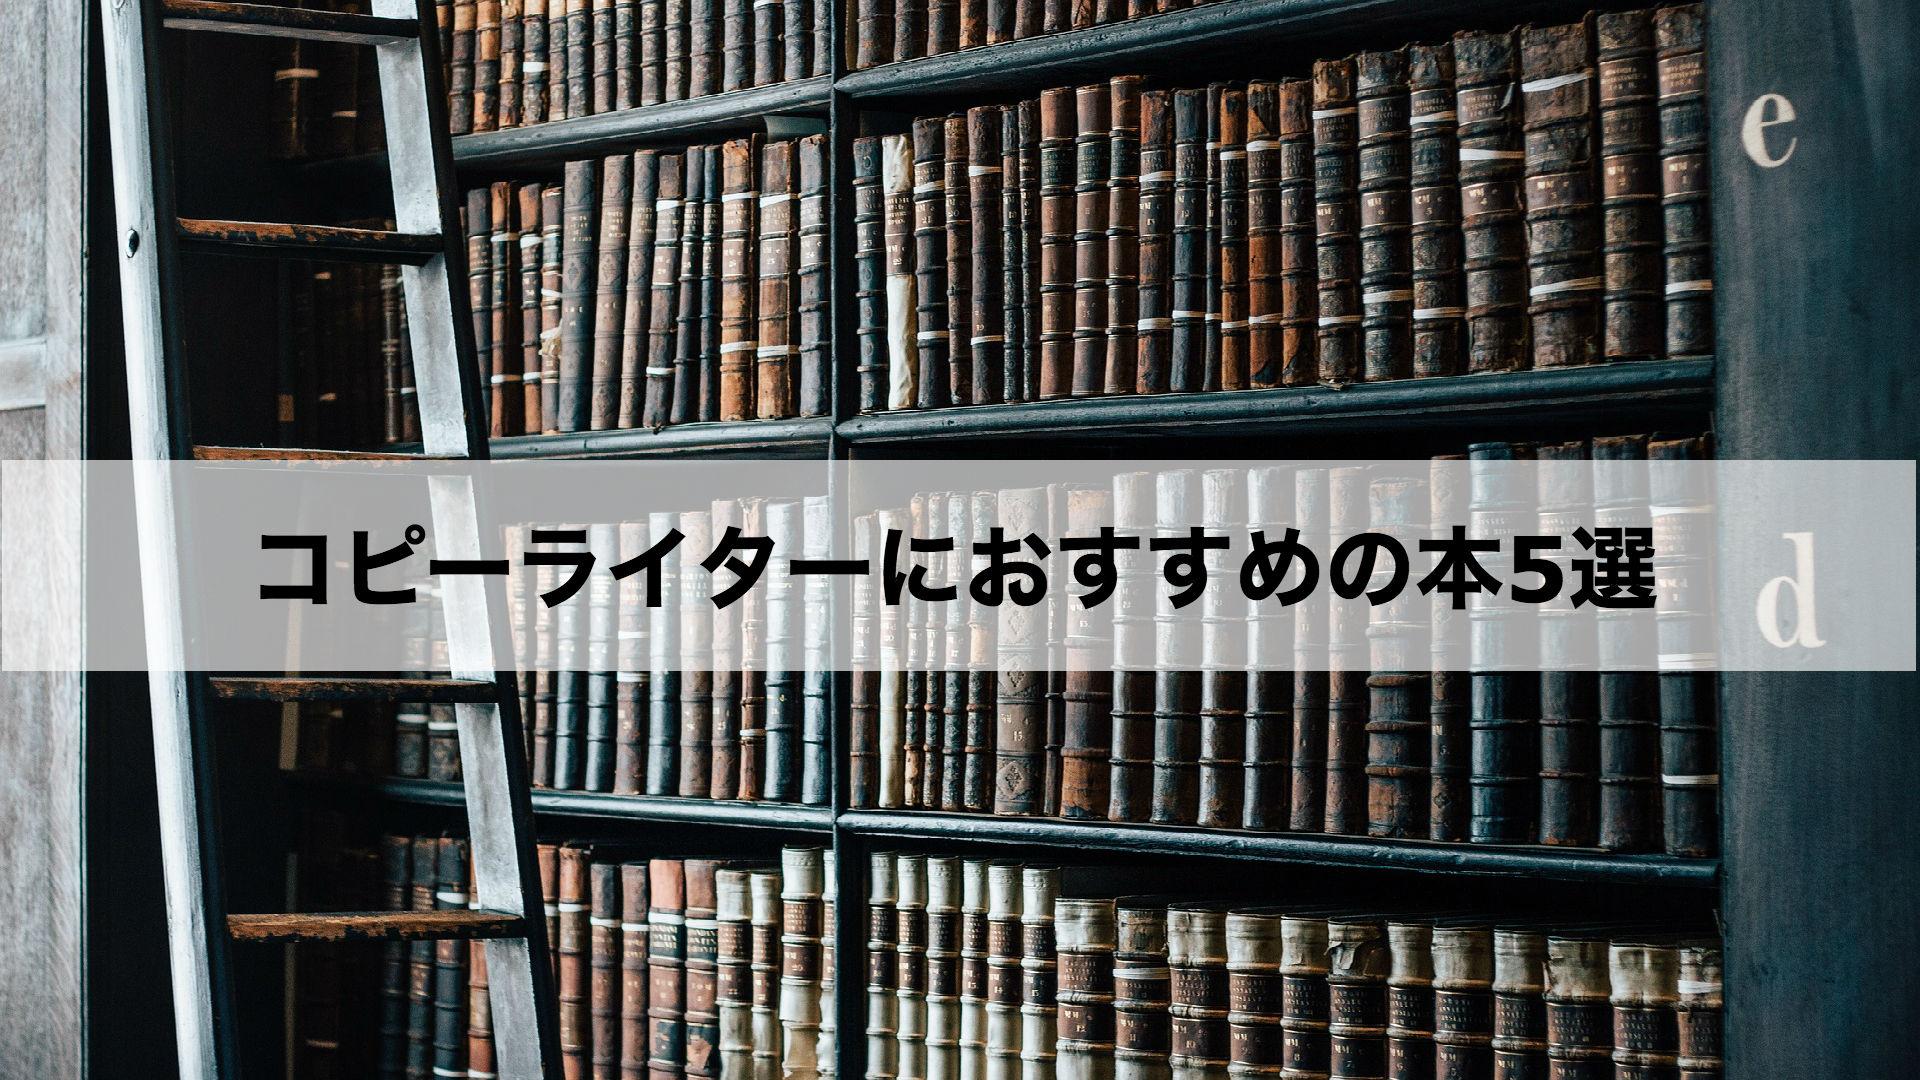 独学でコピーライティングを学ぶ際に必読のおすすめ本5選!